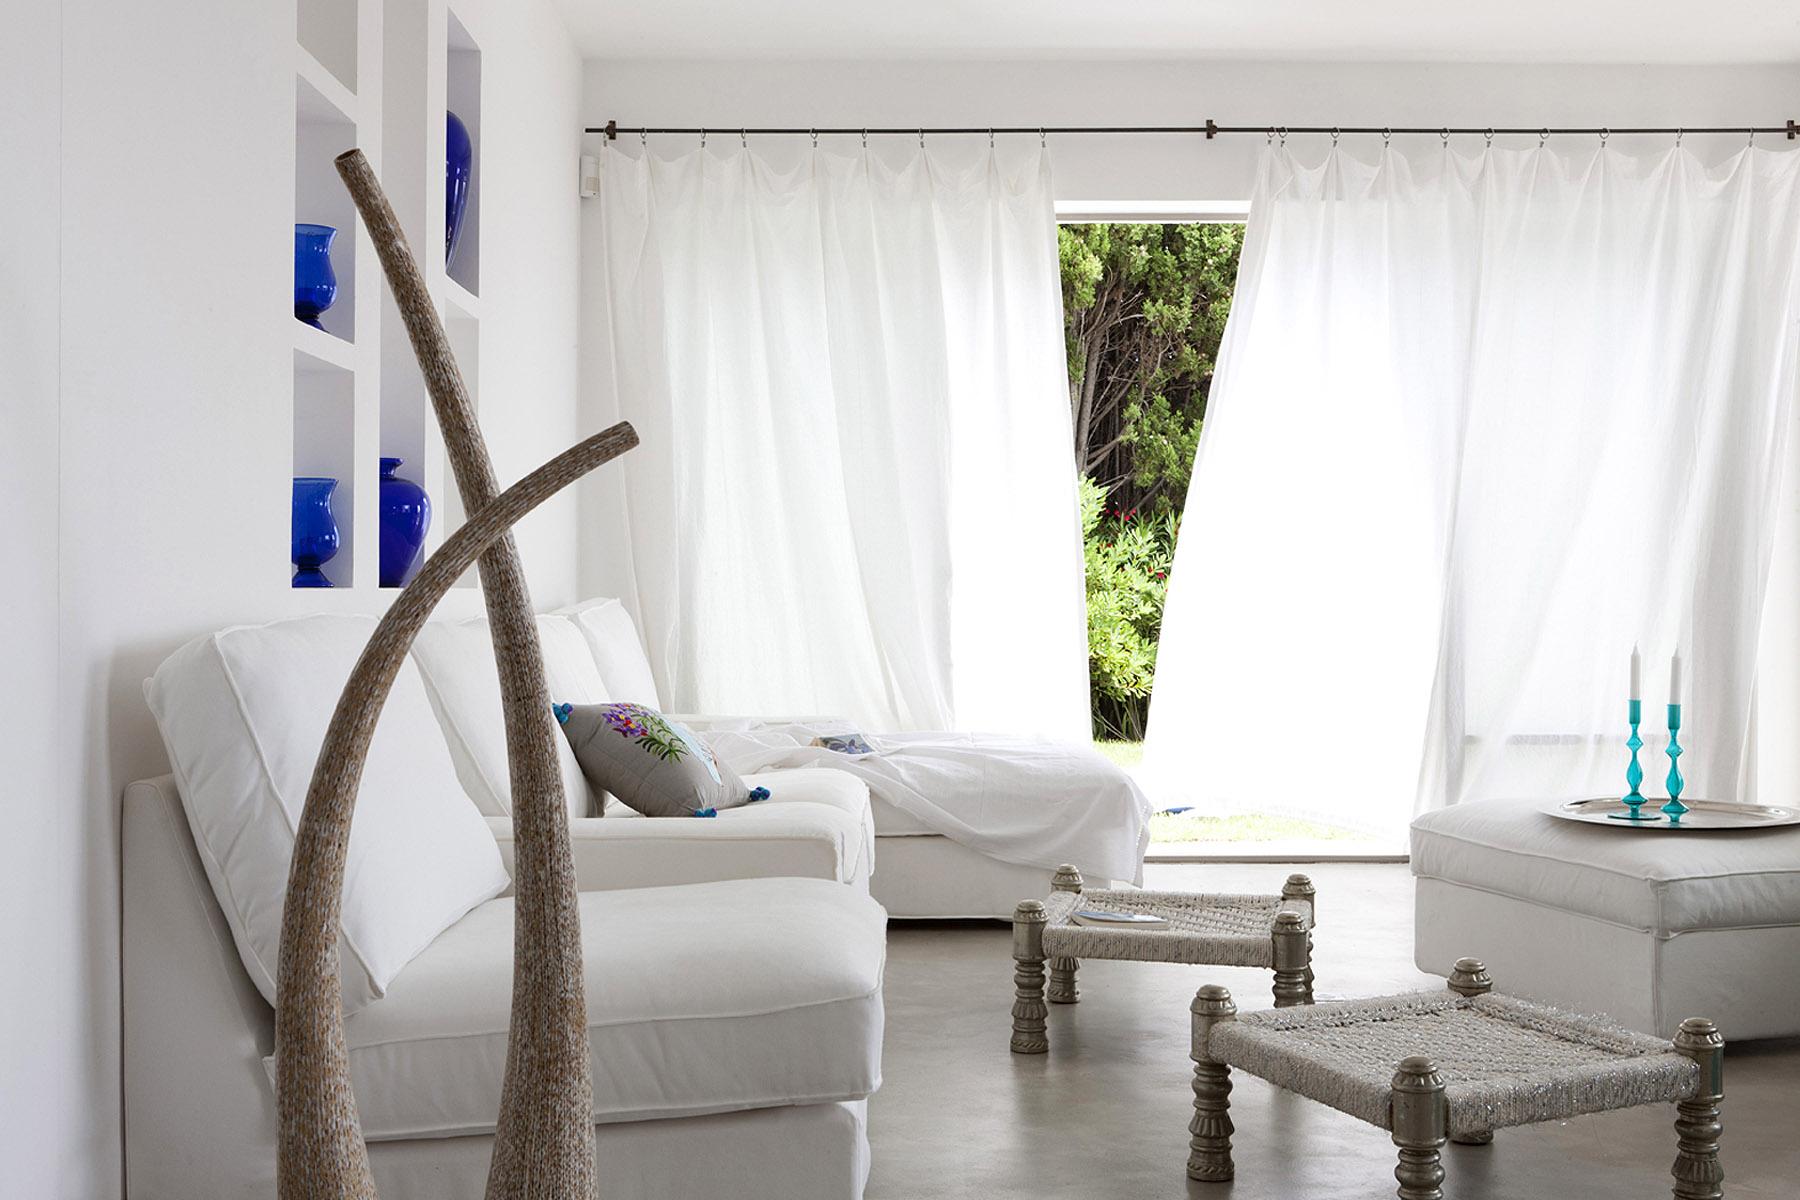 3-Florence_Watine_Architecte_Designer_Decoratrice_Decoration_Paris_France_St_Tropez_Maison_Home_Design